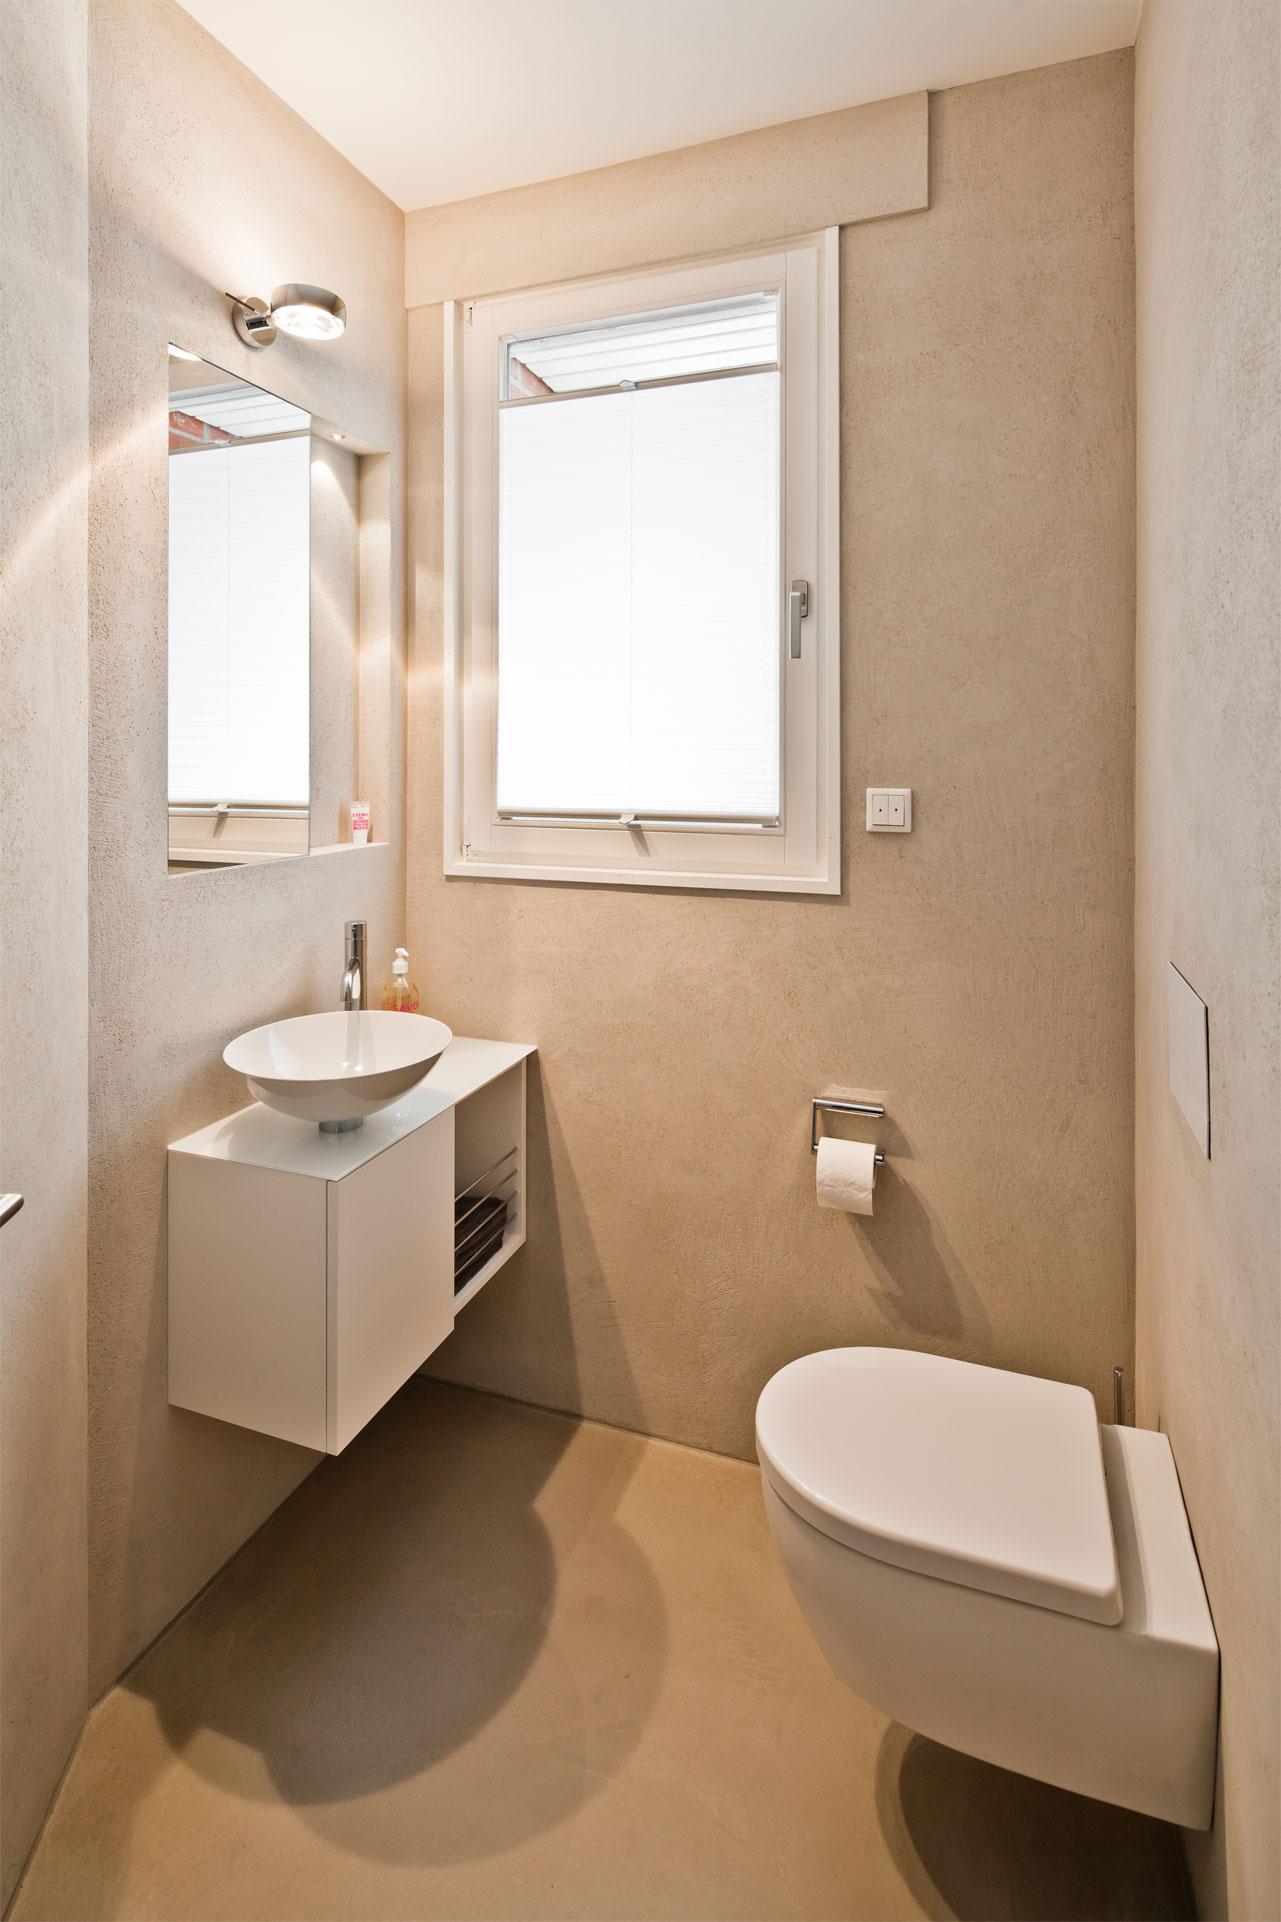 kleines badezimmer mit freistehender badewanne raumfabrik. Black Bedroom Furniture Sets. Home Design Ideas